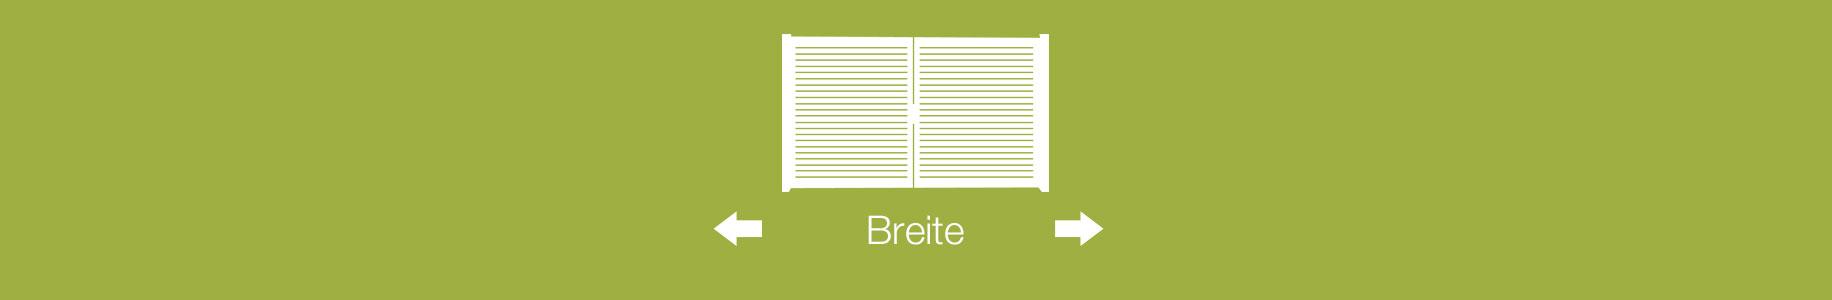 01_Breite